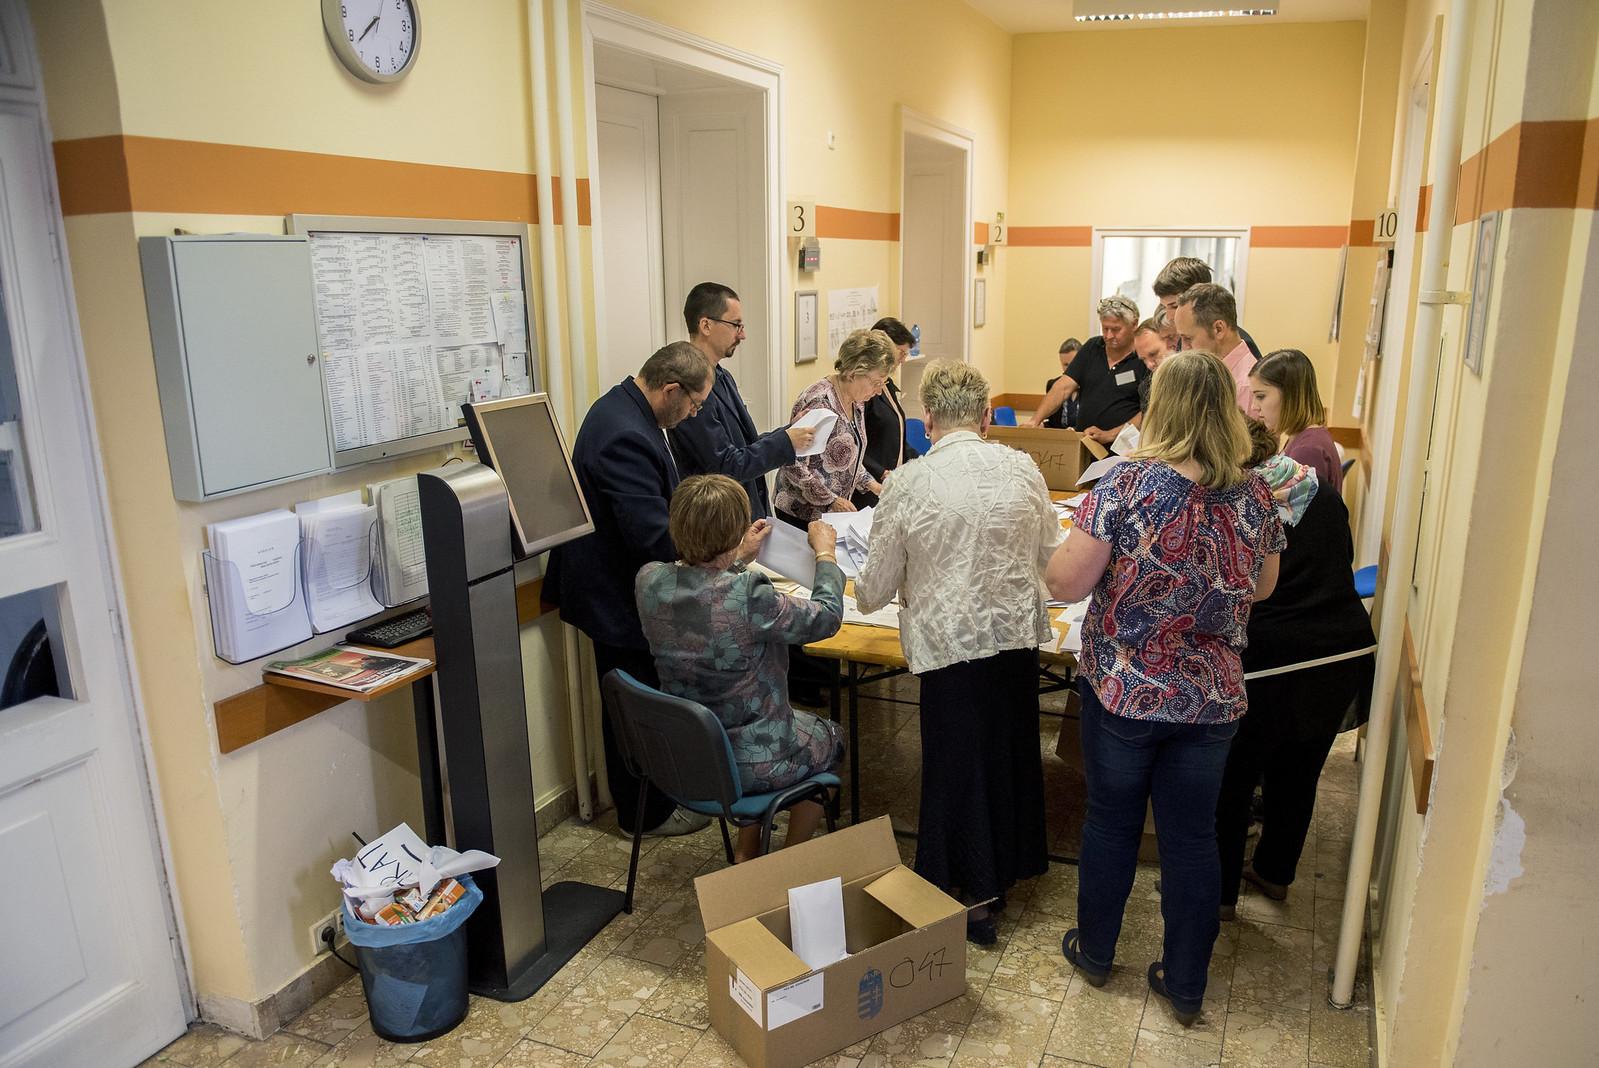 Végleges az eredmény: nyert a Fidesz, átrendeződött az ellenzék